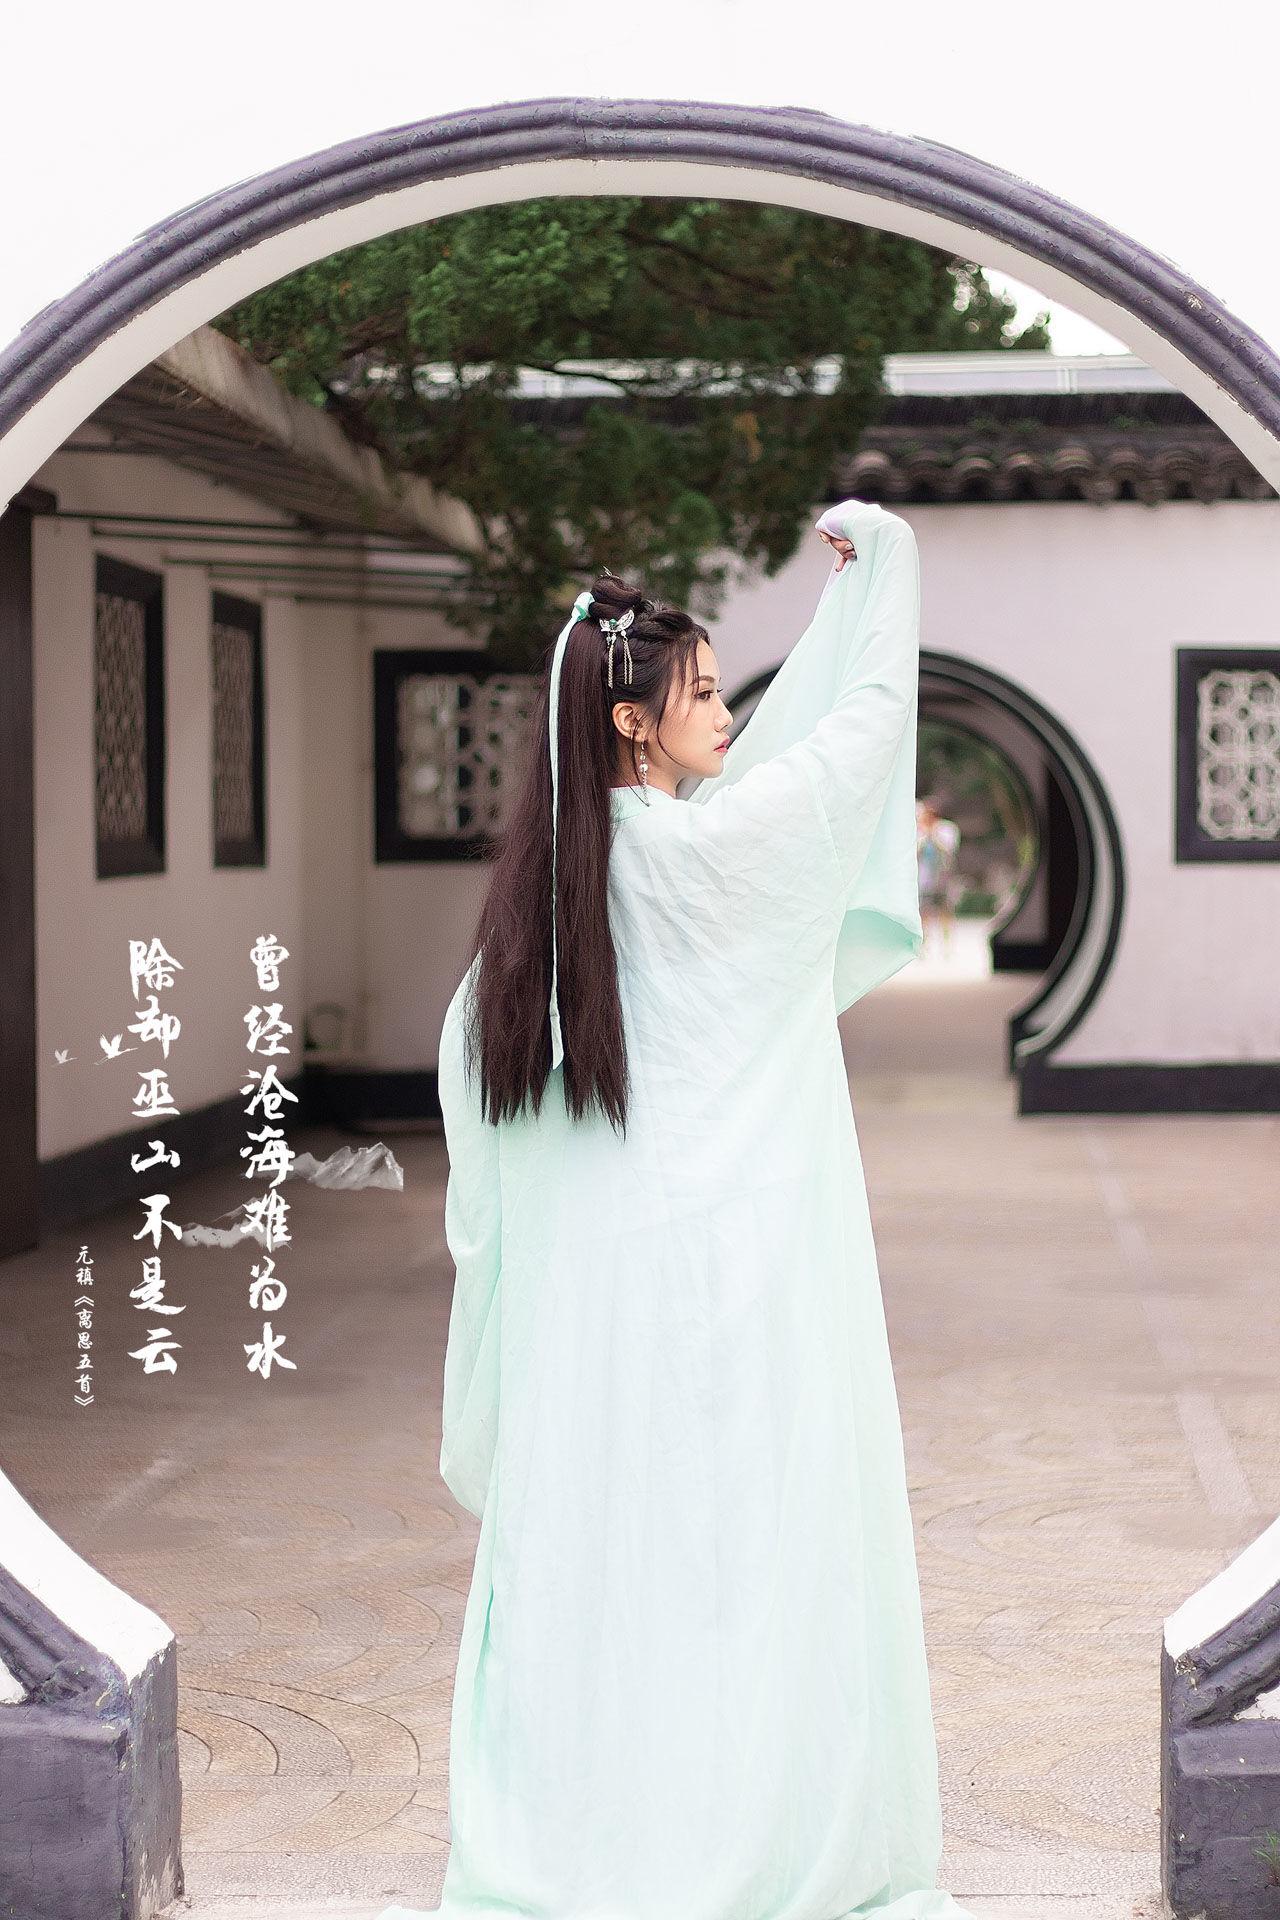 2018-09-15 桂林公园汉服_摄影师晦恩的返片